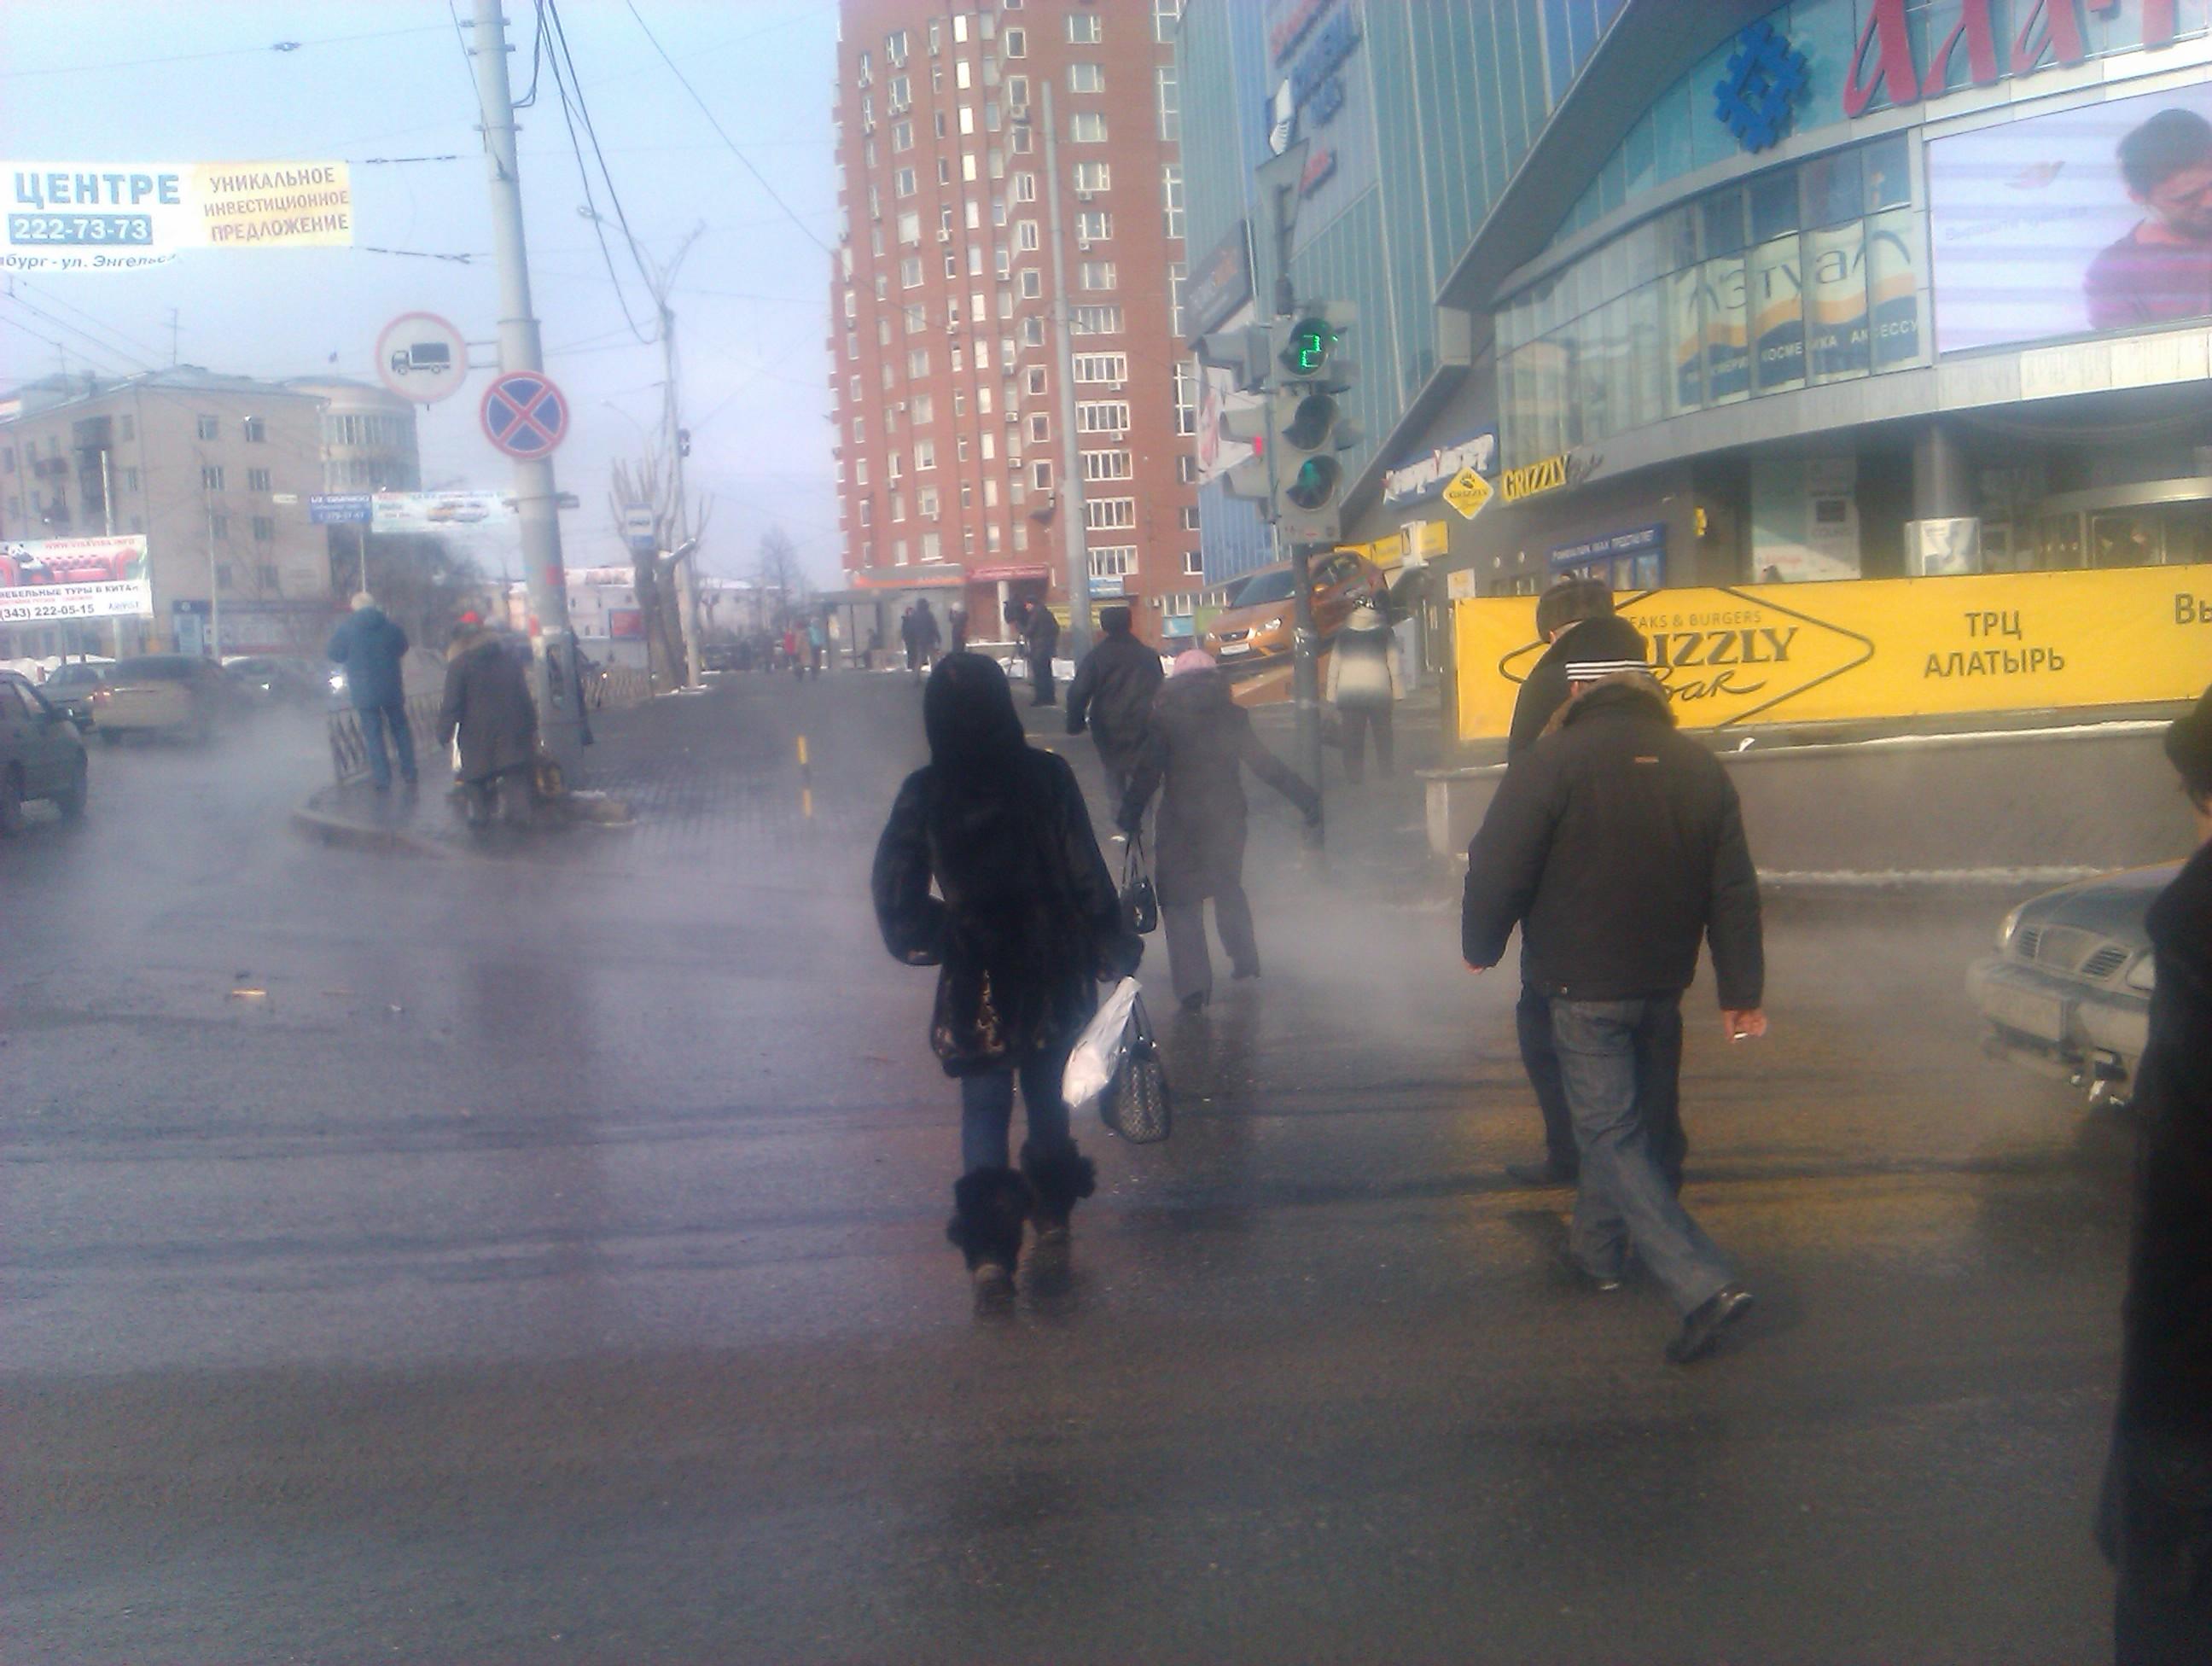 В центре Екатеринбурга ликвидируют прорыв канализации